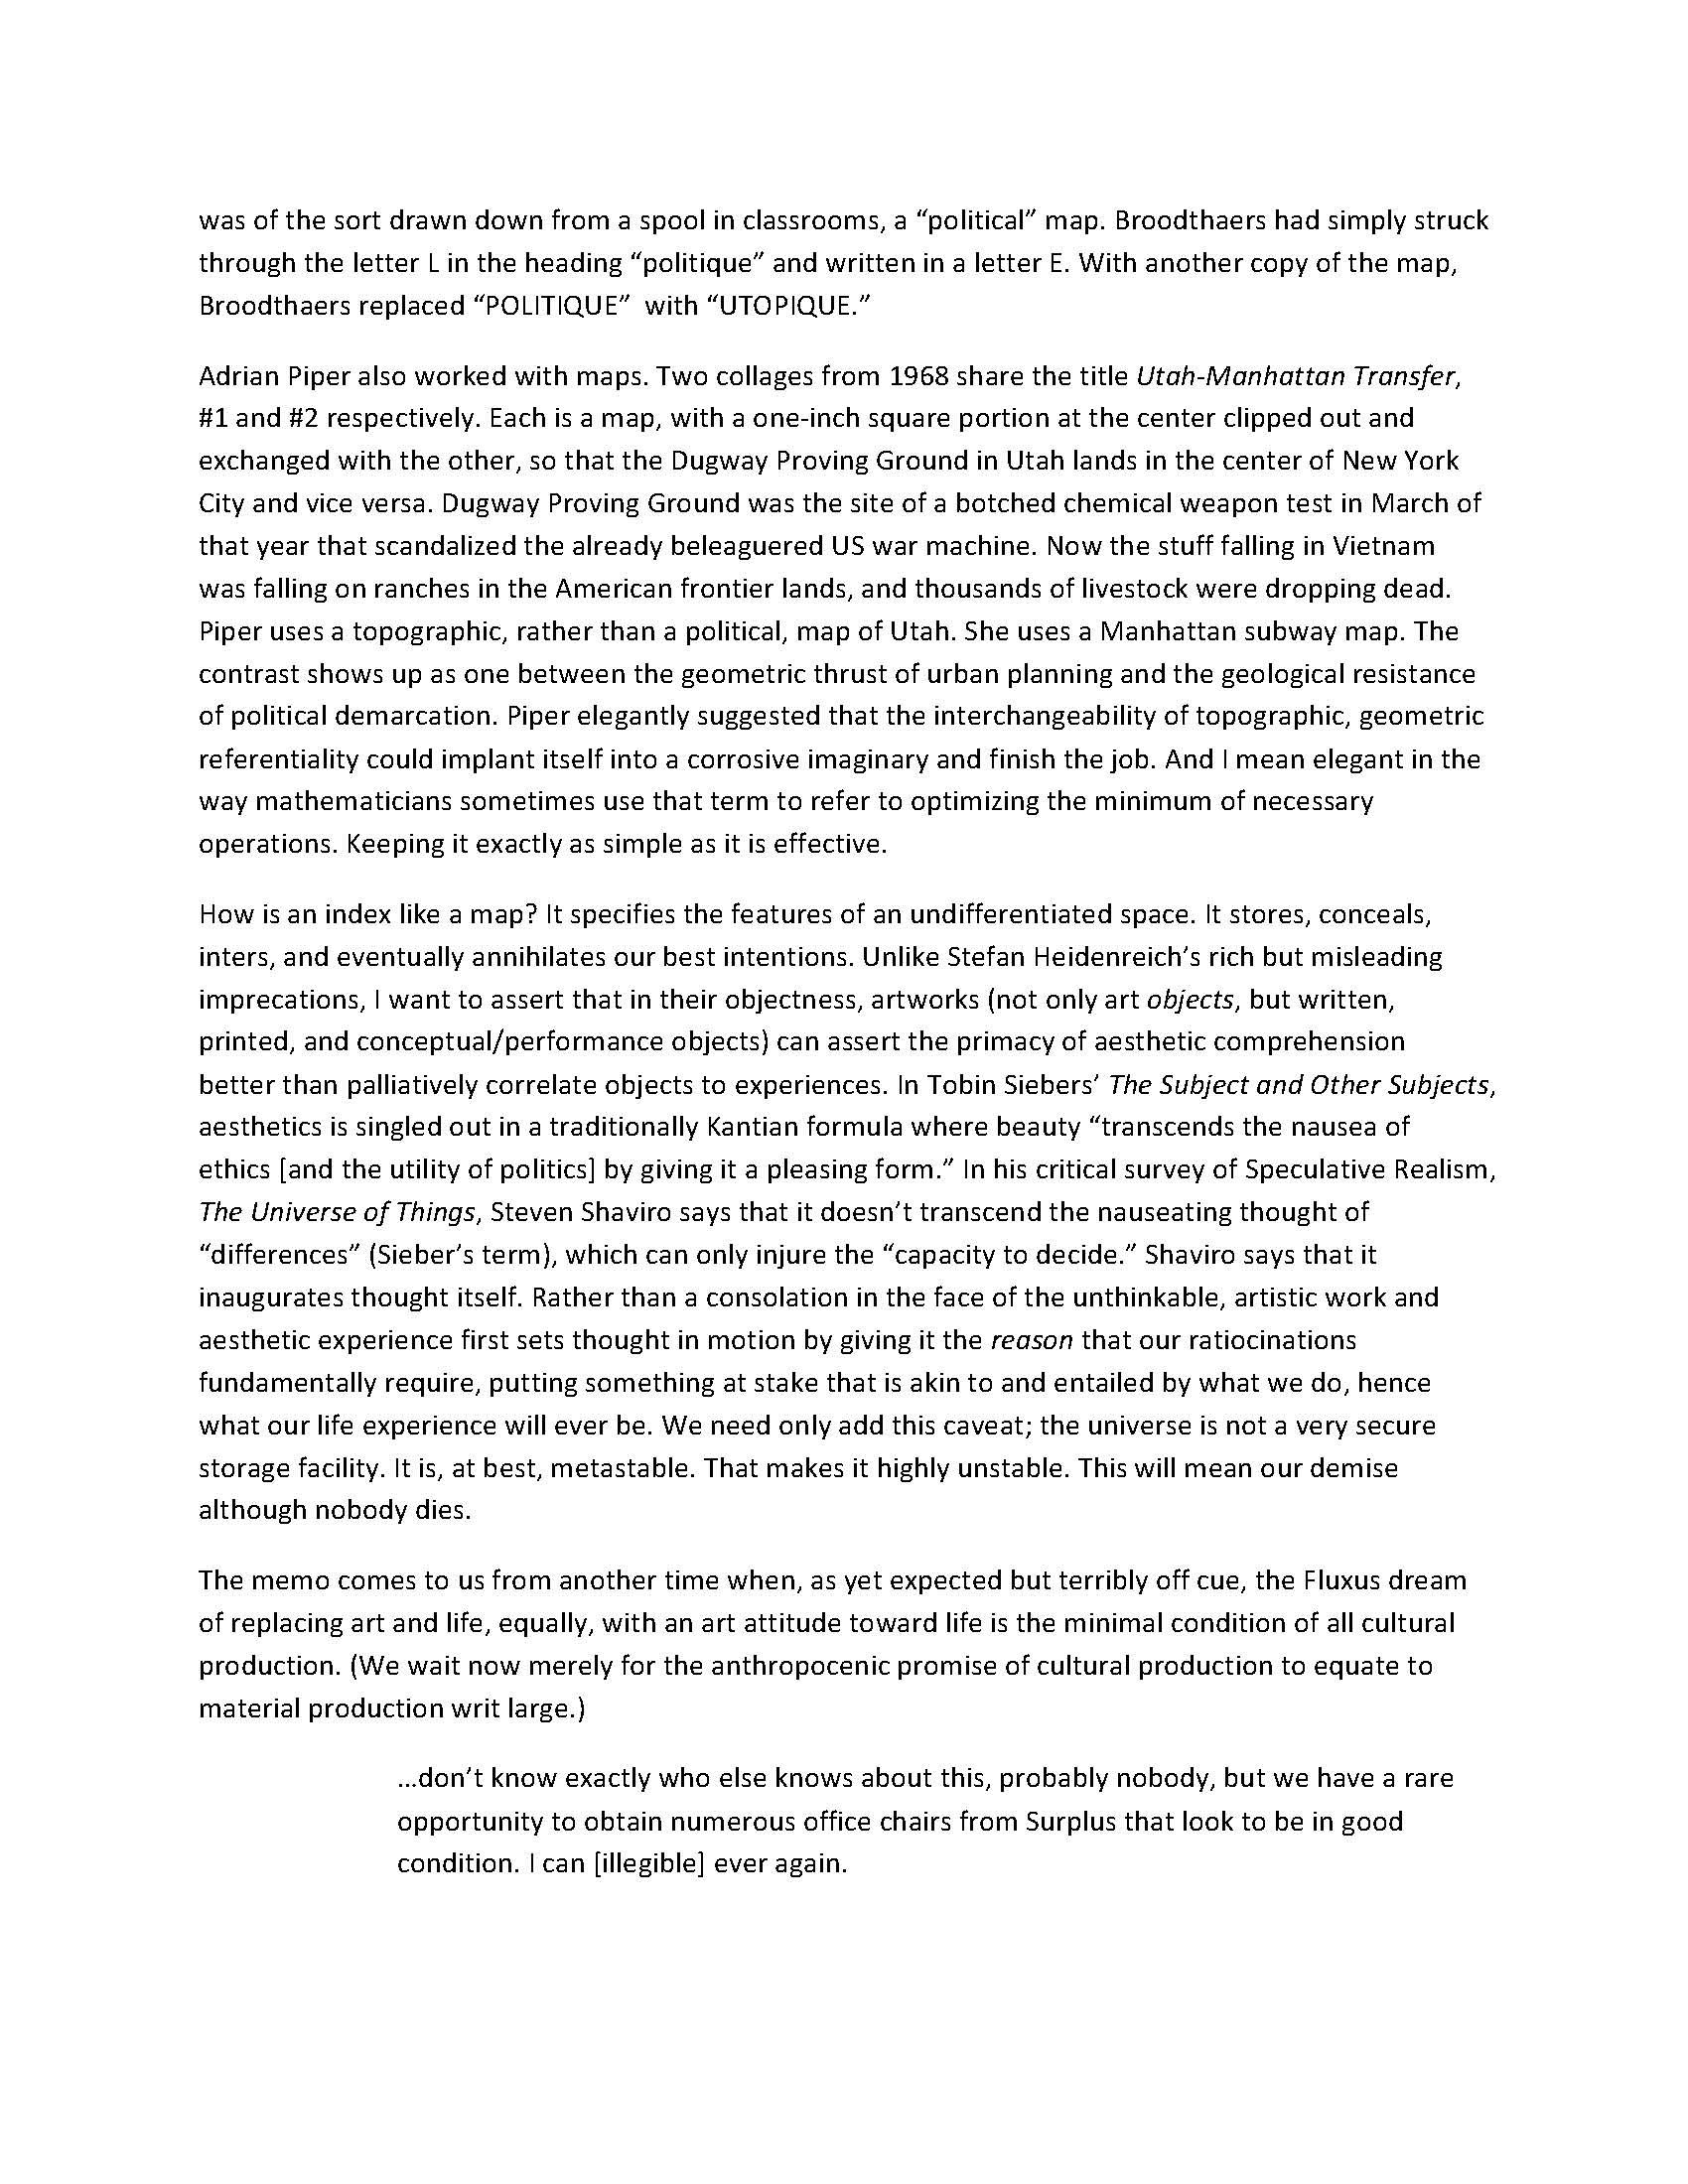 Patrick Durgin - Imitation Demise_Page_2